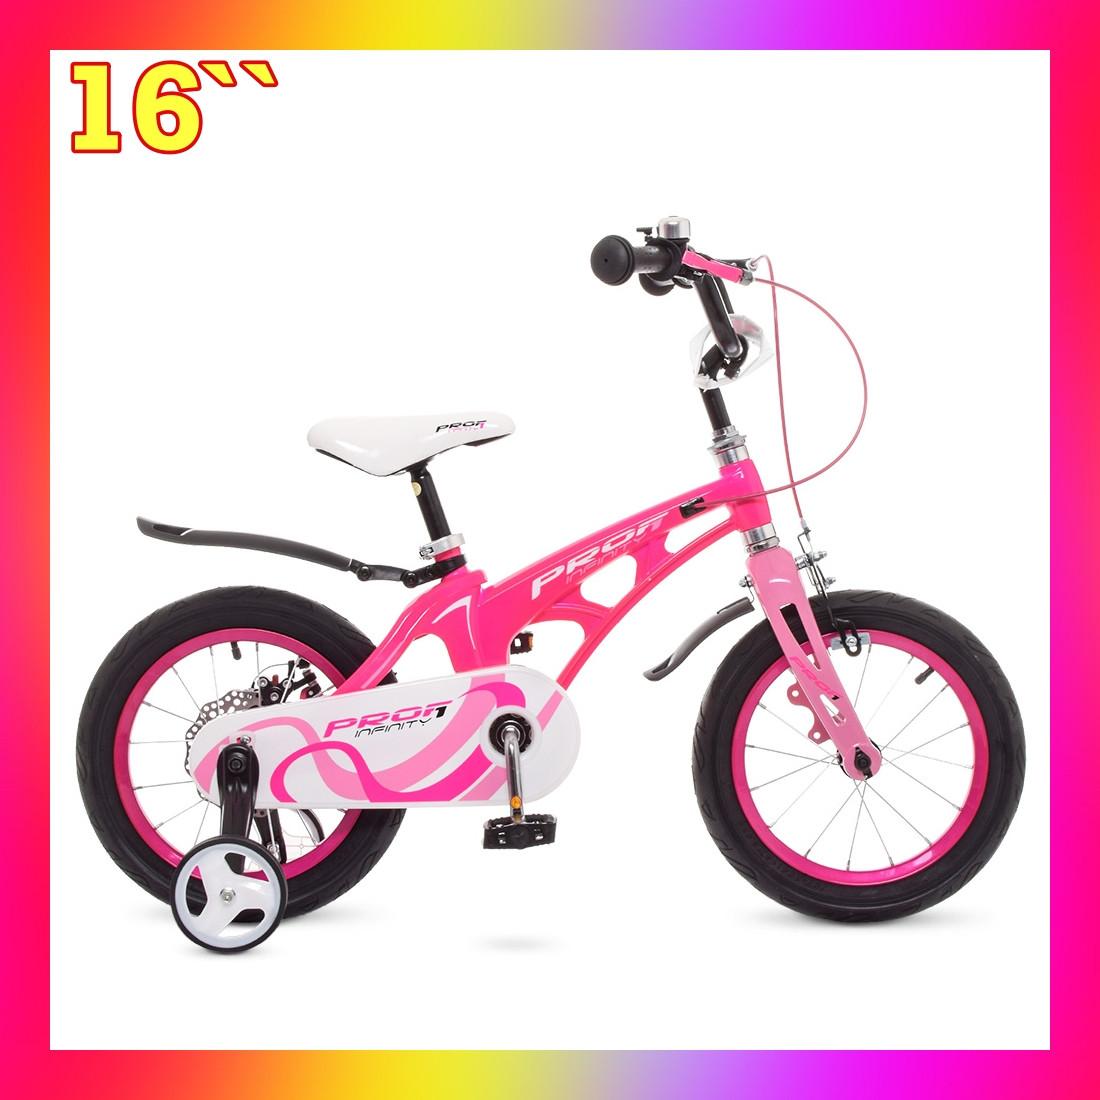 Дитячий двоколісний велосипед Profi Infinity 16 дюймів, LMG16203 рожевий. Для дівчинки 4-7 років